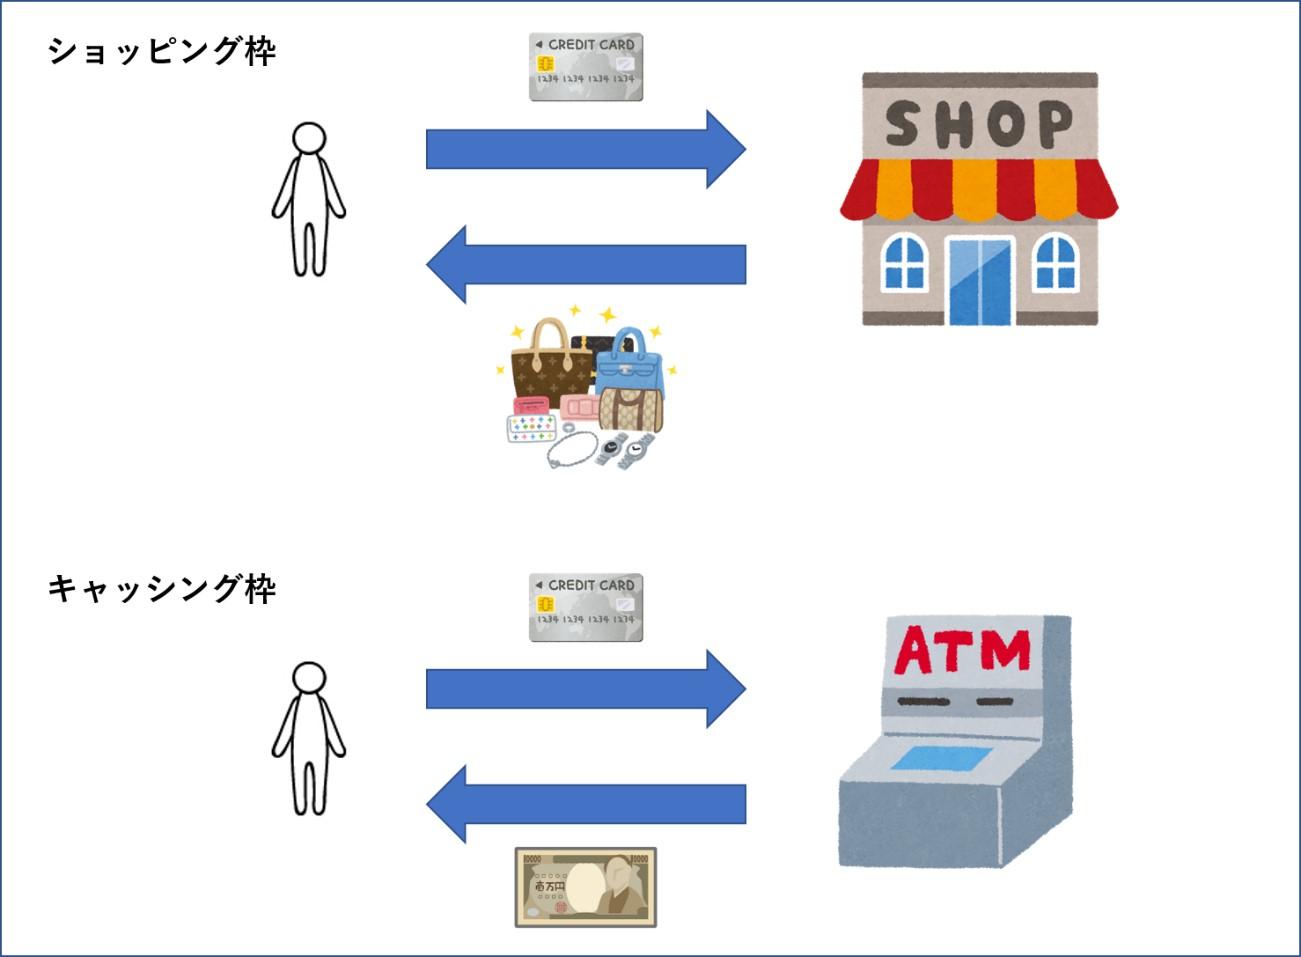 ショッピング枠 キャッシング枠